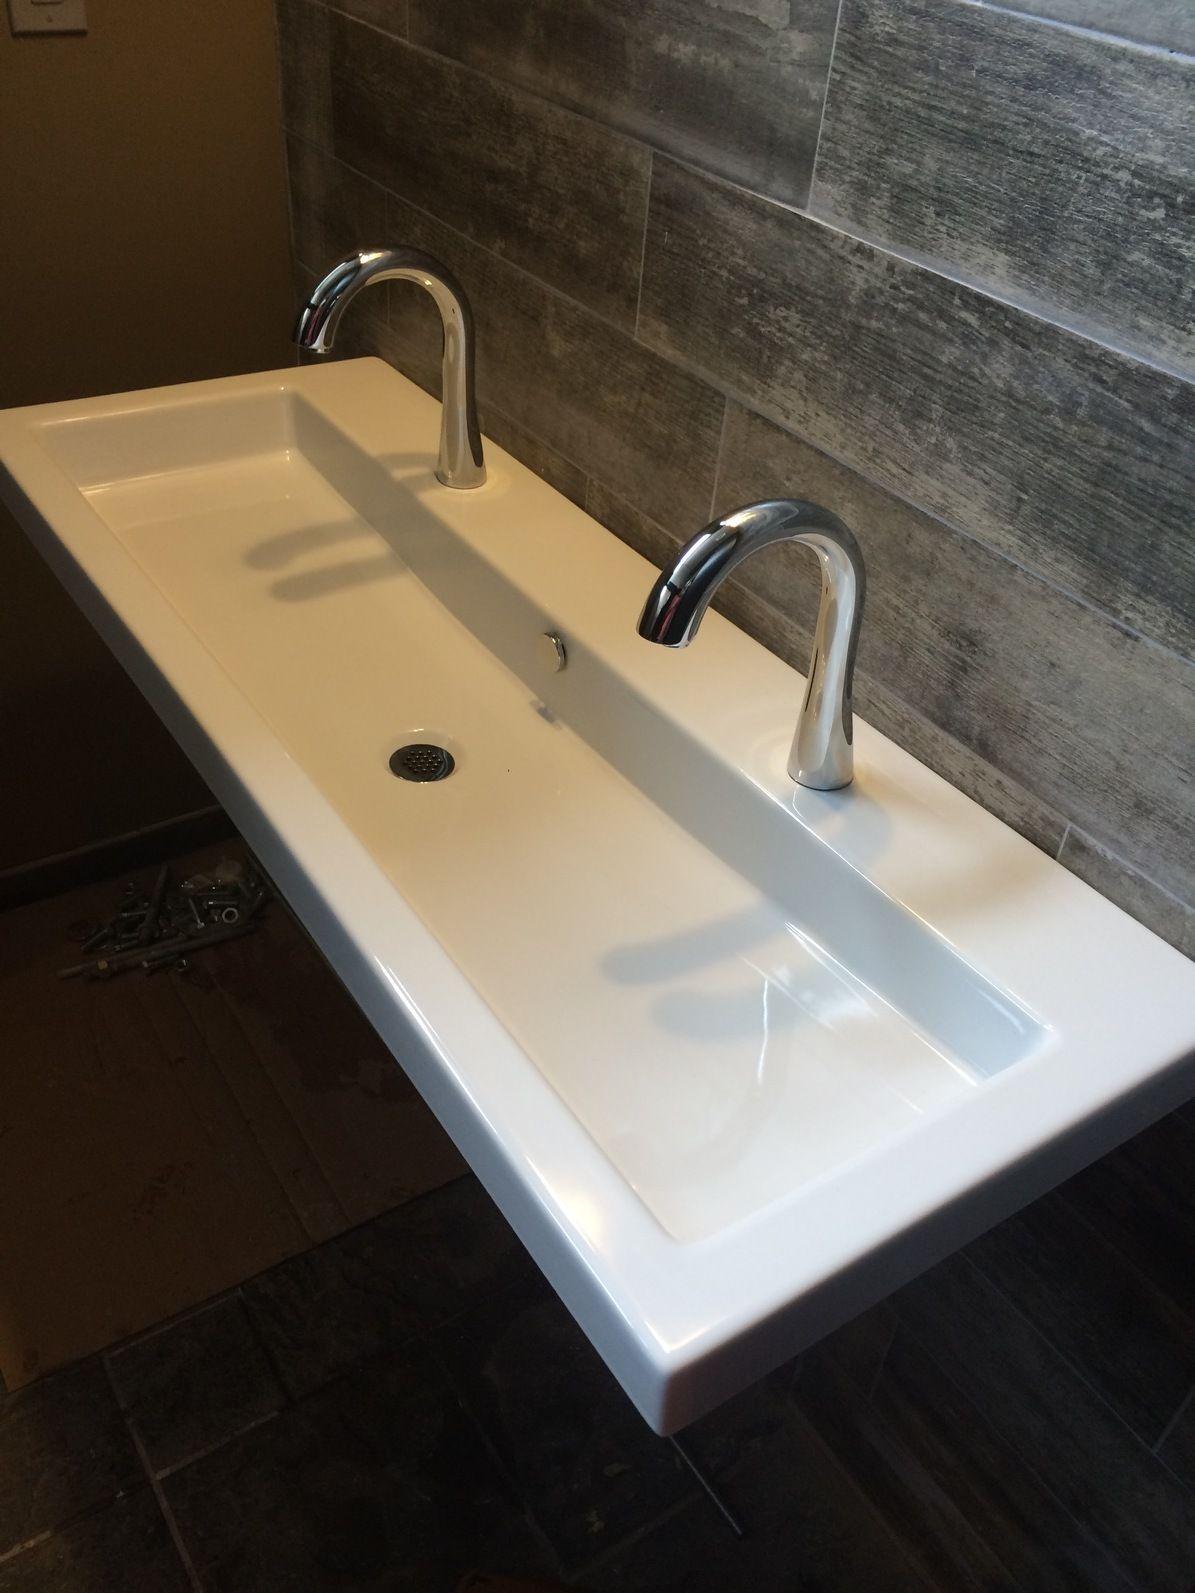 Ecowood Tile Backsplash // Restaurant Bathroom in Doylestown // Reclaimed  Wood Look Tile / - Ecowood Tile Backsplash // Restaurant Bathroom In Doylestown